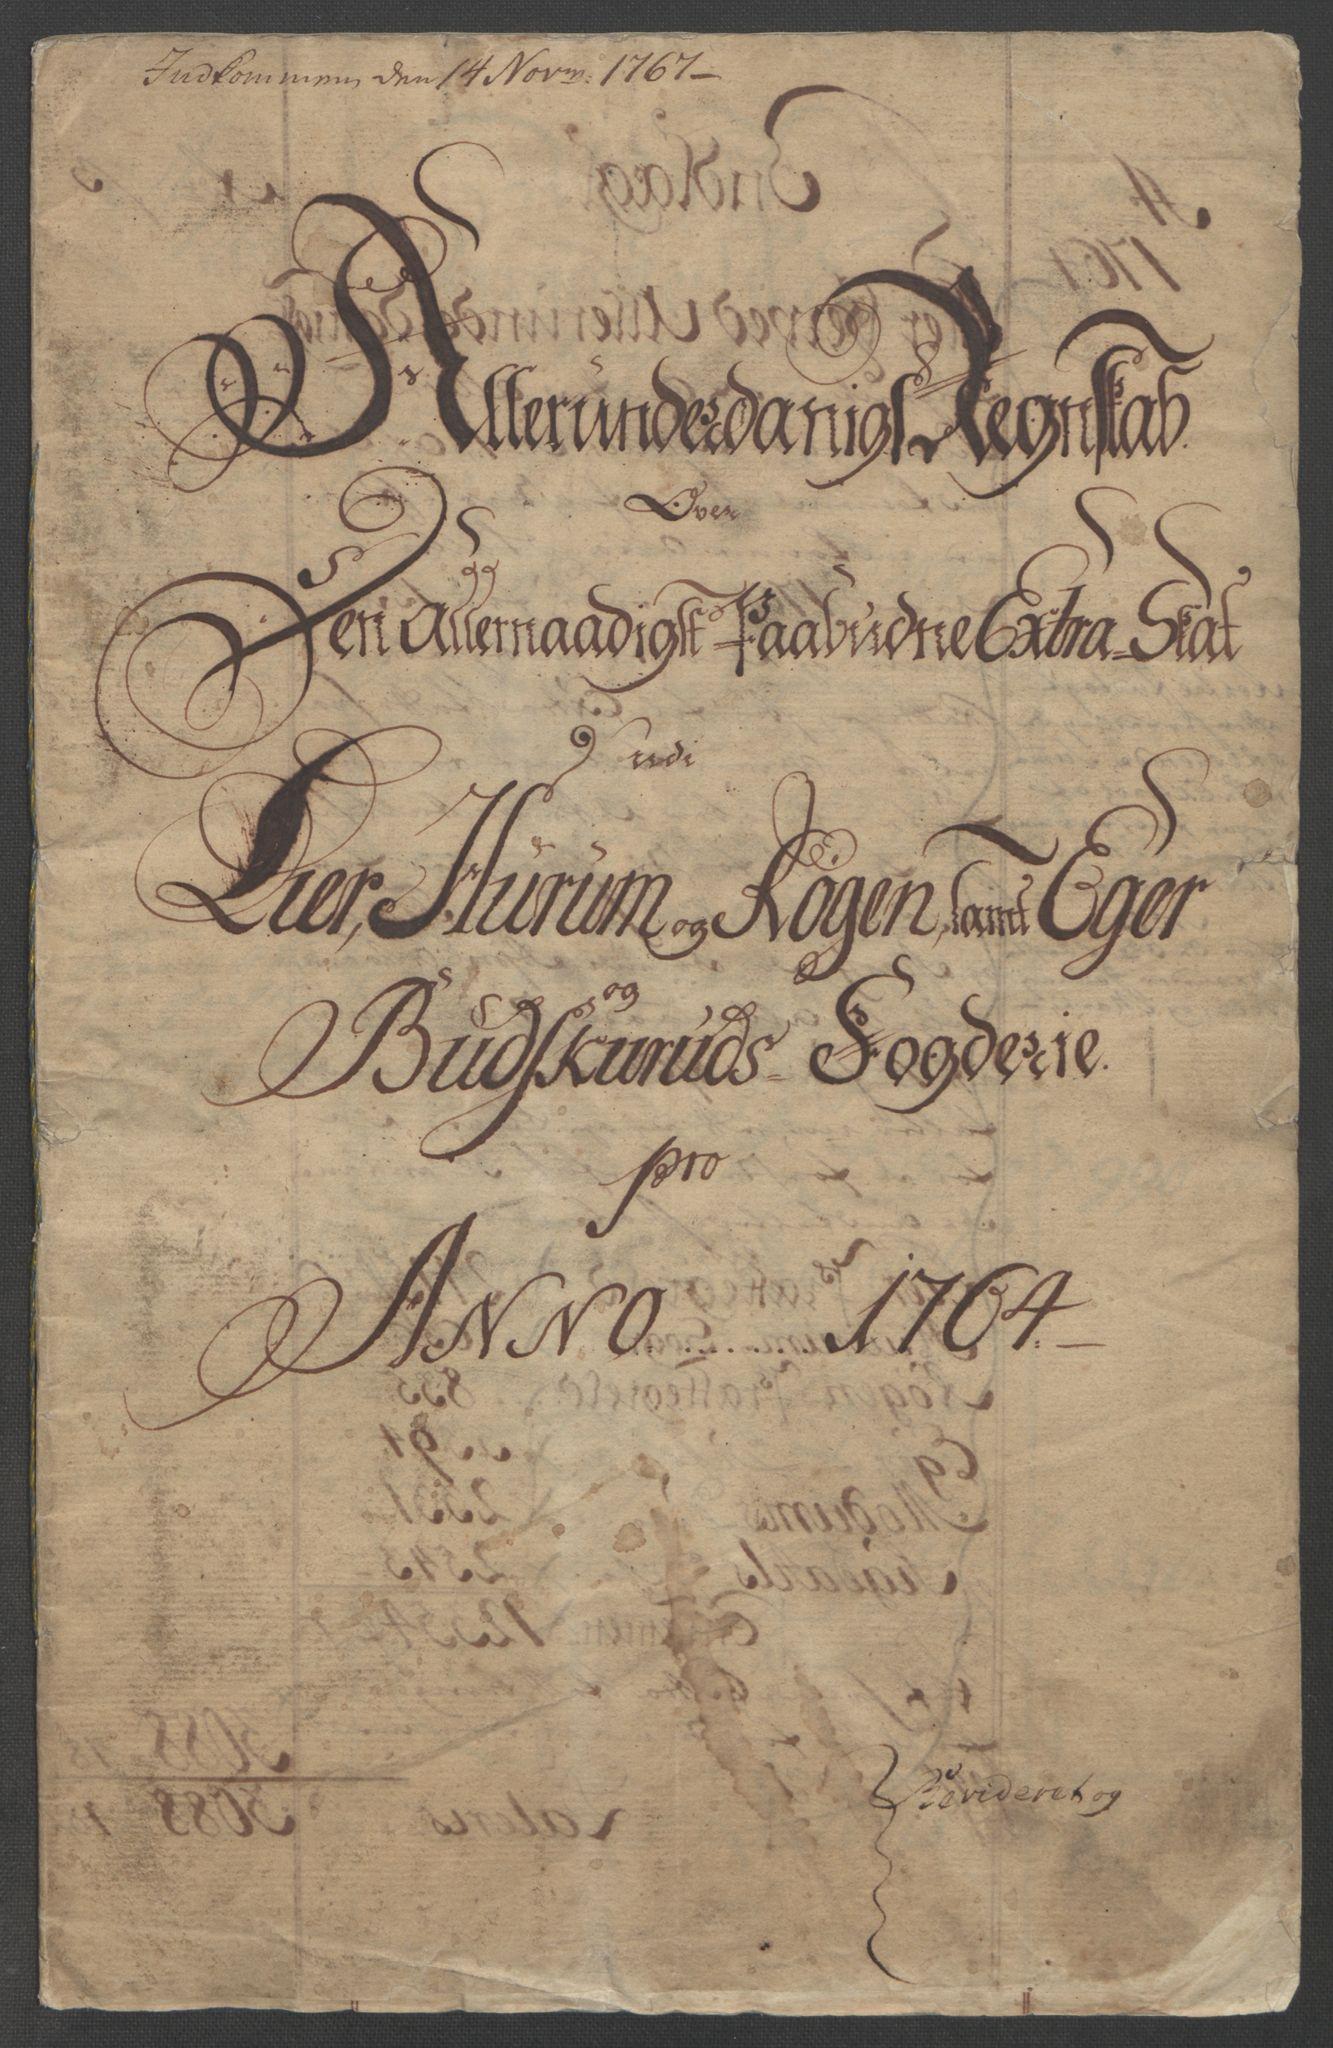 RA, Rentekammeret inntil 1814, Reviderte regnskaper, Fogderegnskap, R31/L1833: Ekstraskatten Hurum, Røyken, Eiker, Lier og Buskerud, 1762-1764, s. 148